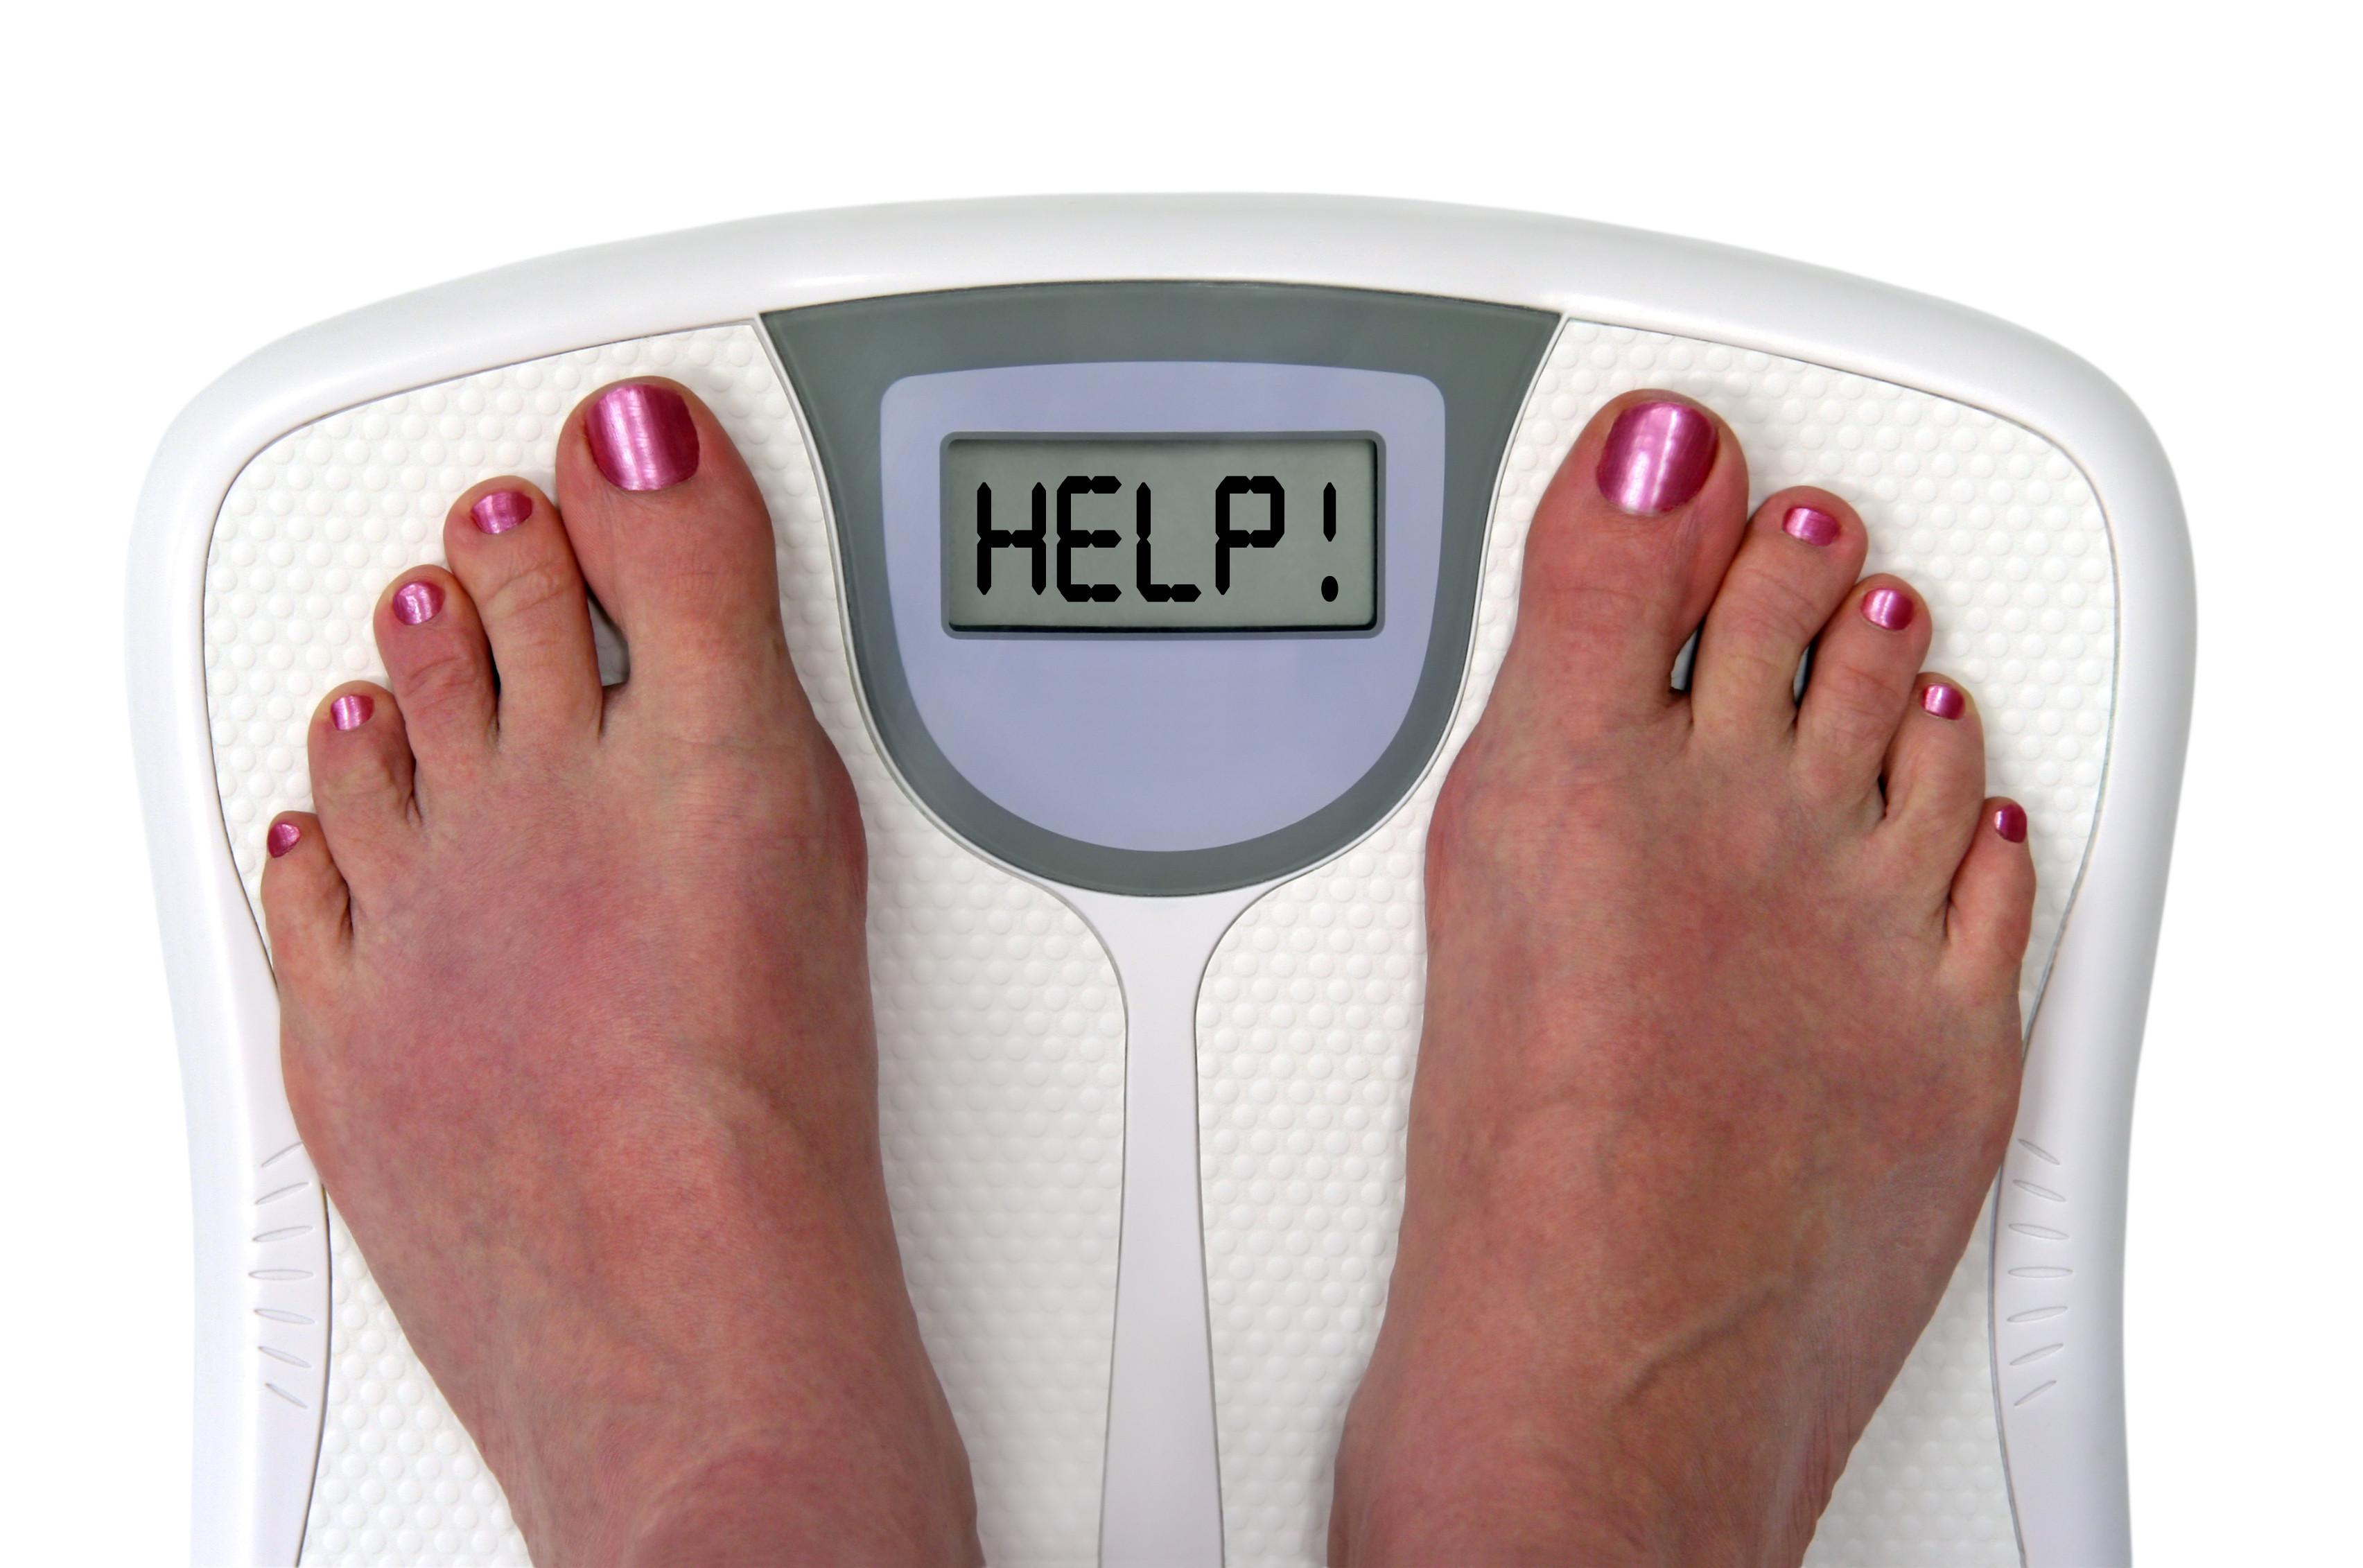 خبر خوب این است که کاهش وزن حتی در حد چند کیلو میتواند از مشکلات سلامتی مرتبط با چاقی جلوگیری کند و یا آن را بهبود دهد